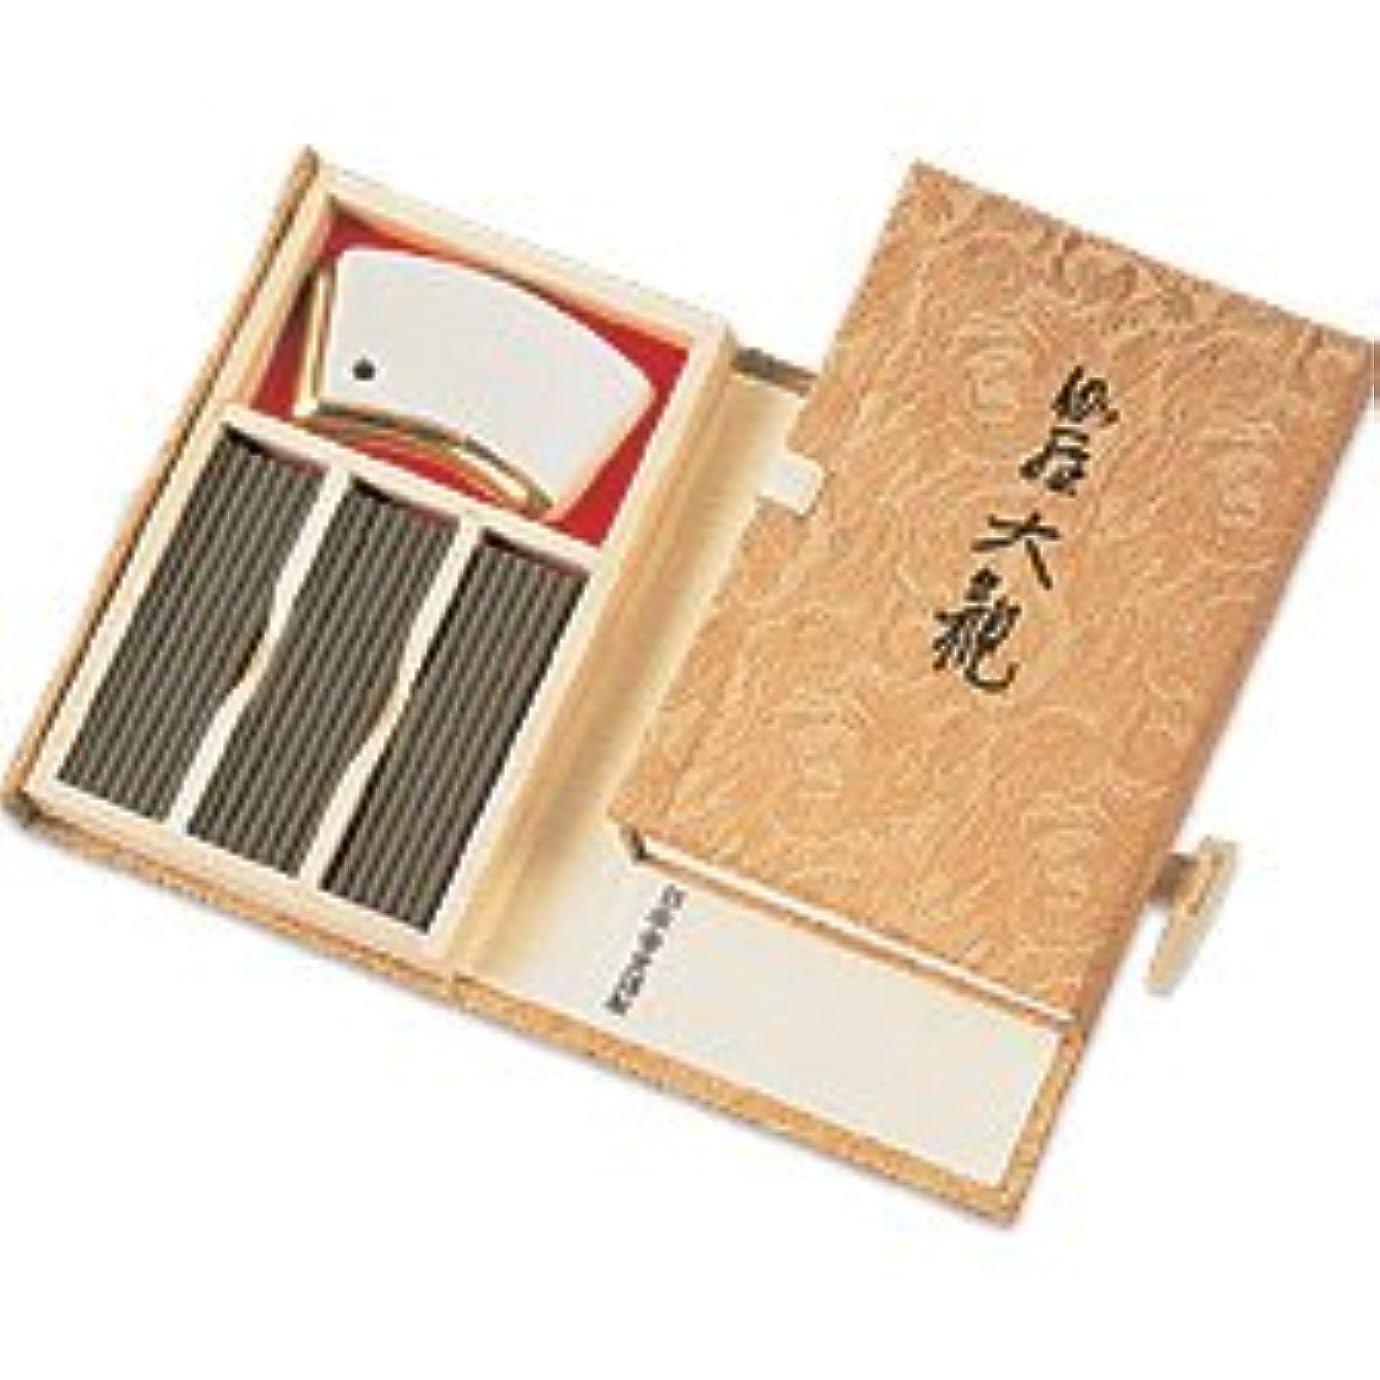 ブラジャーチョークささいなKyara Taikan – プレミアムAloeswood IncenseからNippon Kodo – ギフトボックス